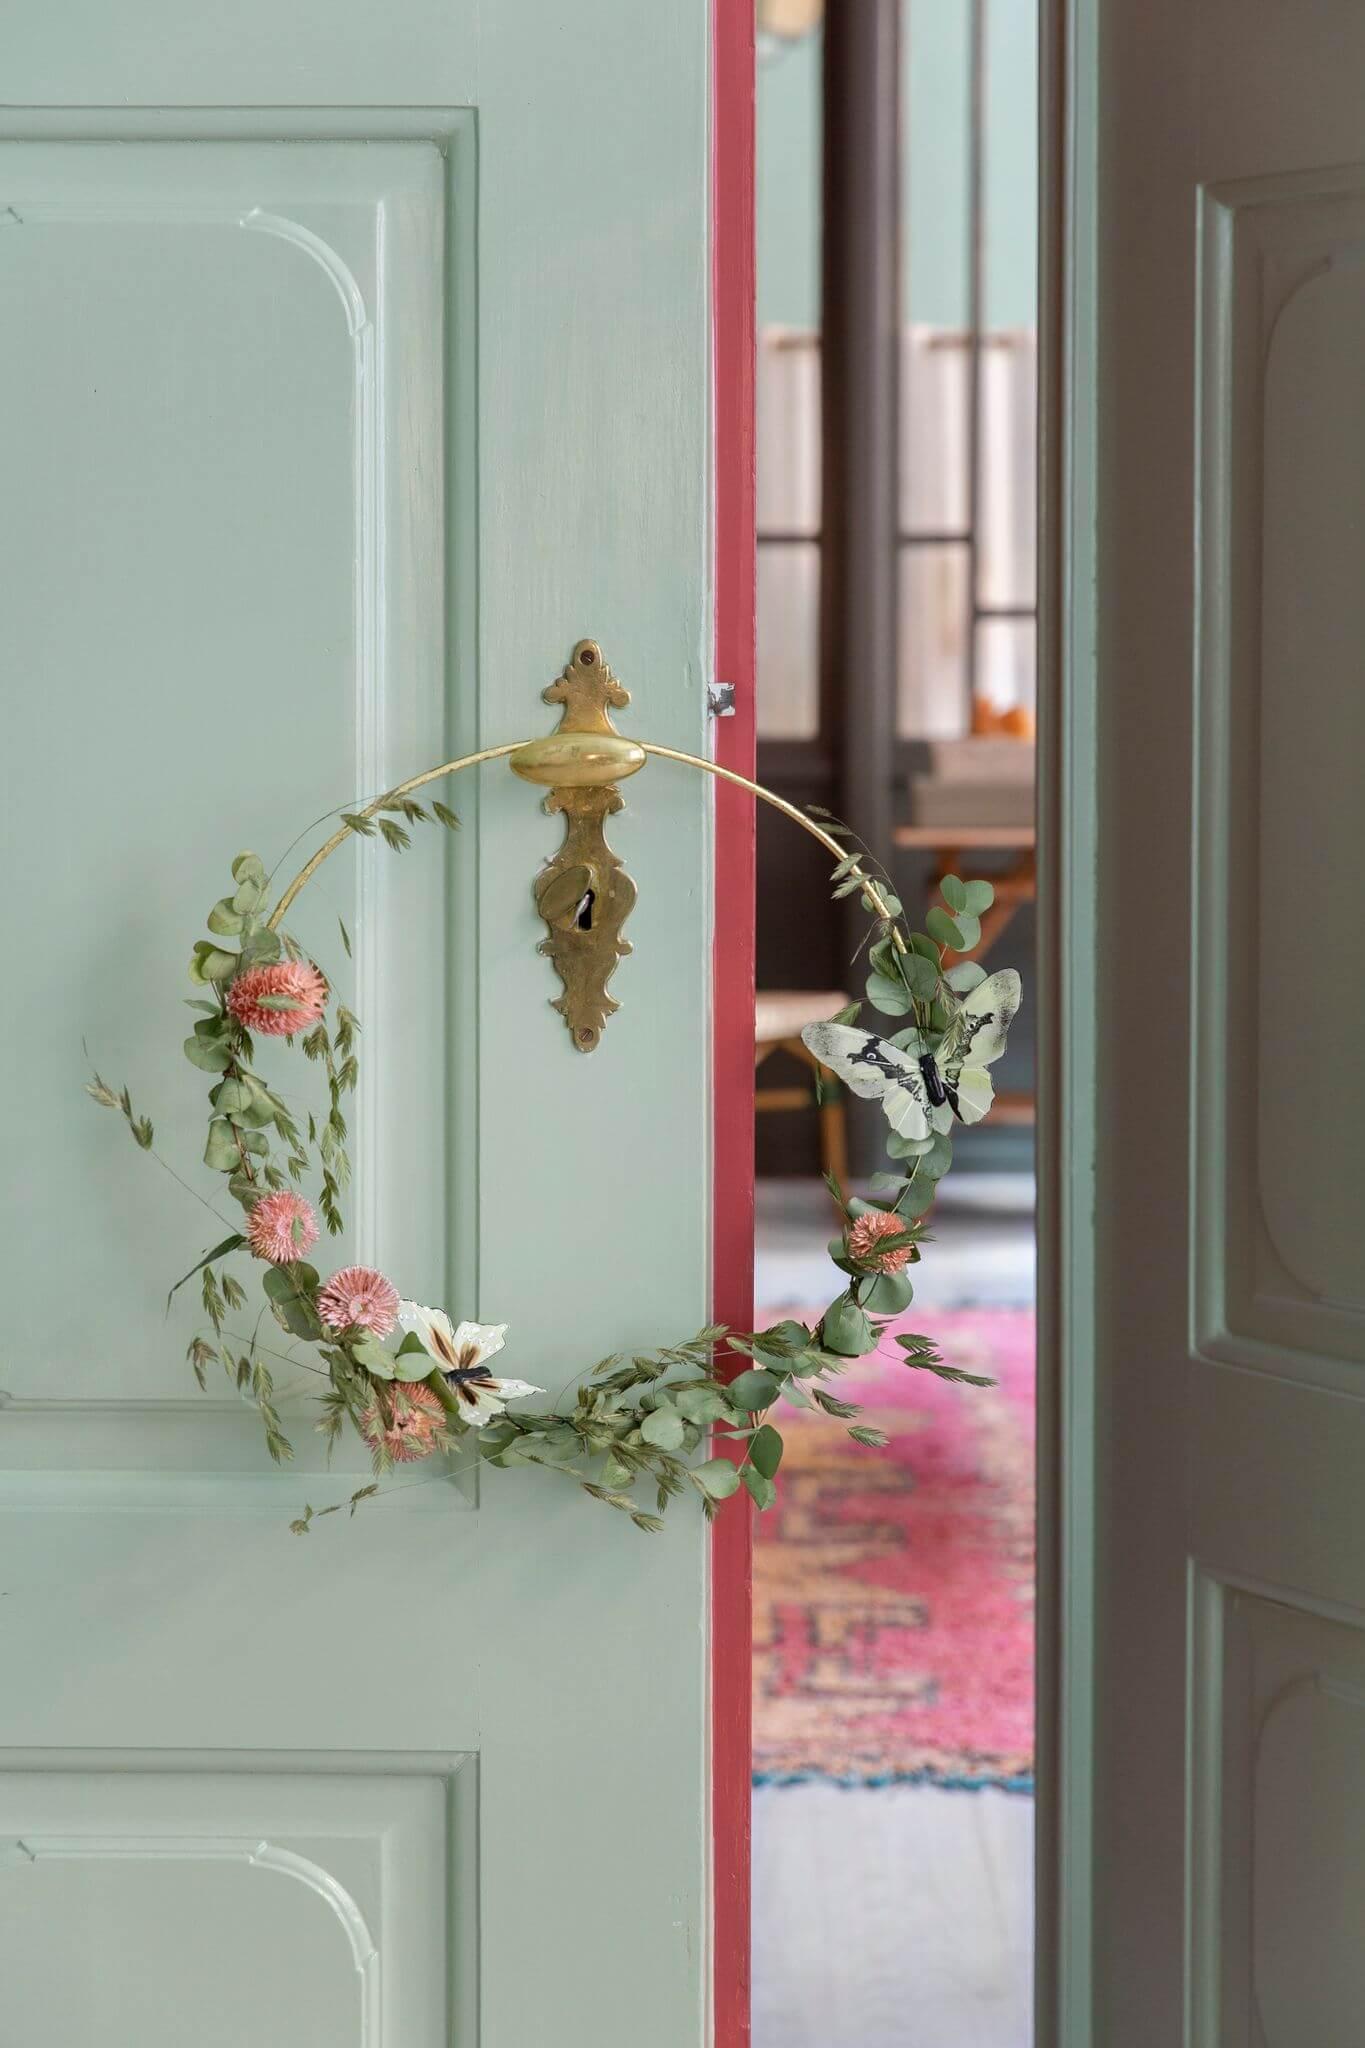 Moodbild eines goldenen Dekorationsrings umwickelt mit verschiedenen Blüten und Zweigen vor einer mintfarbenen Holztür.